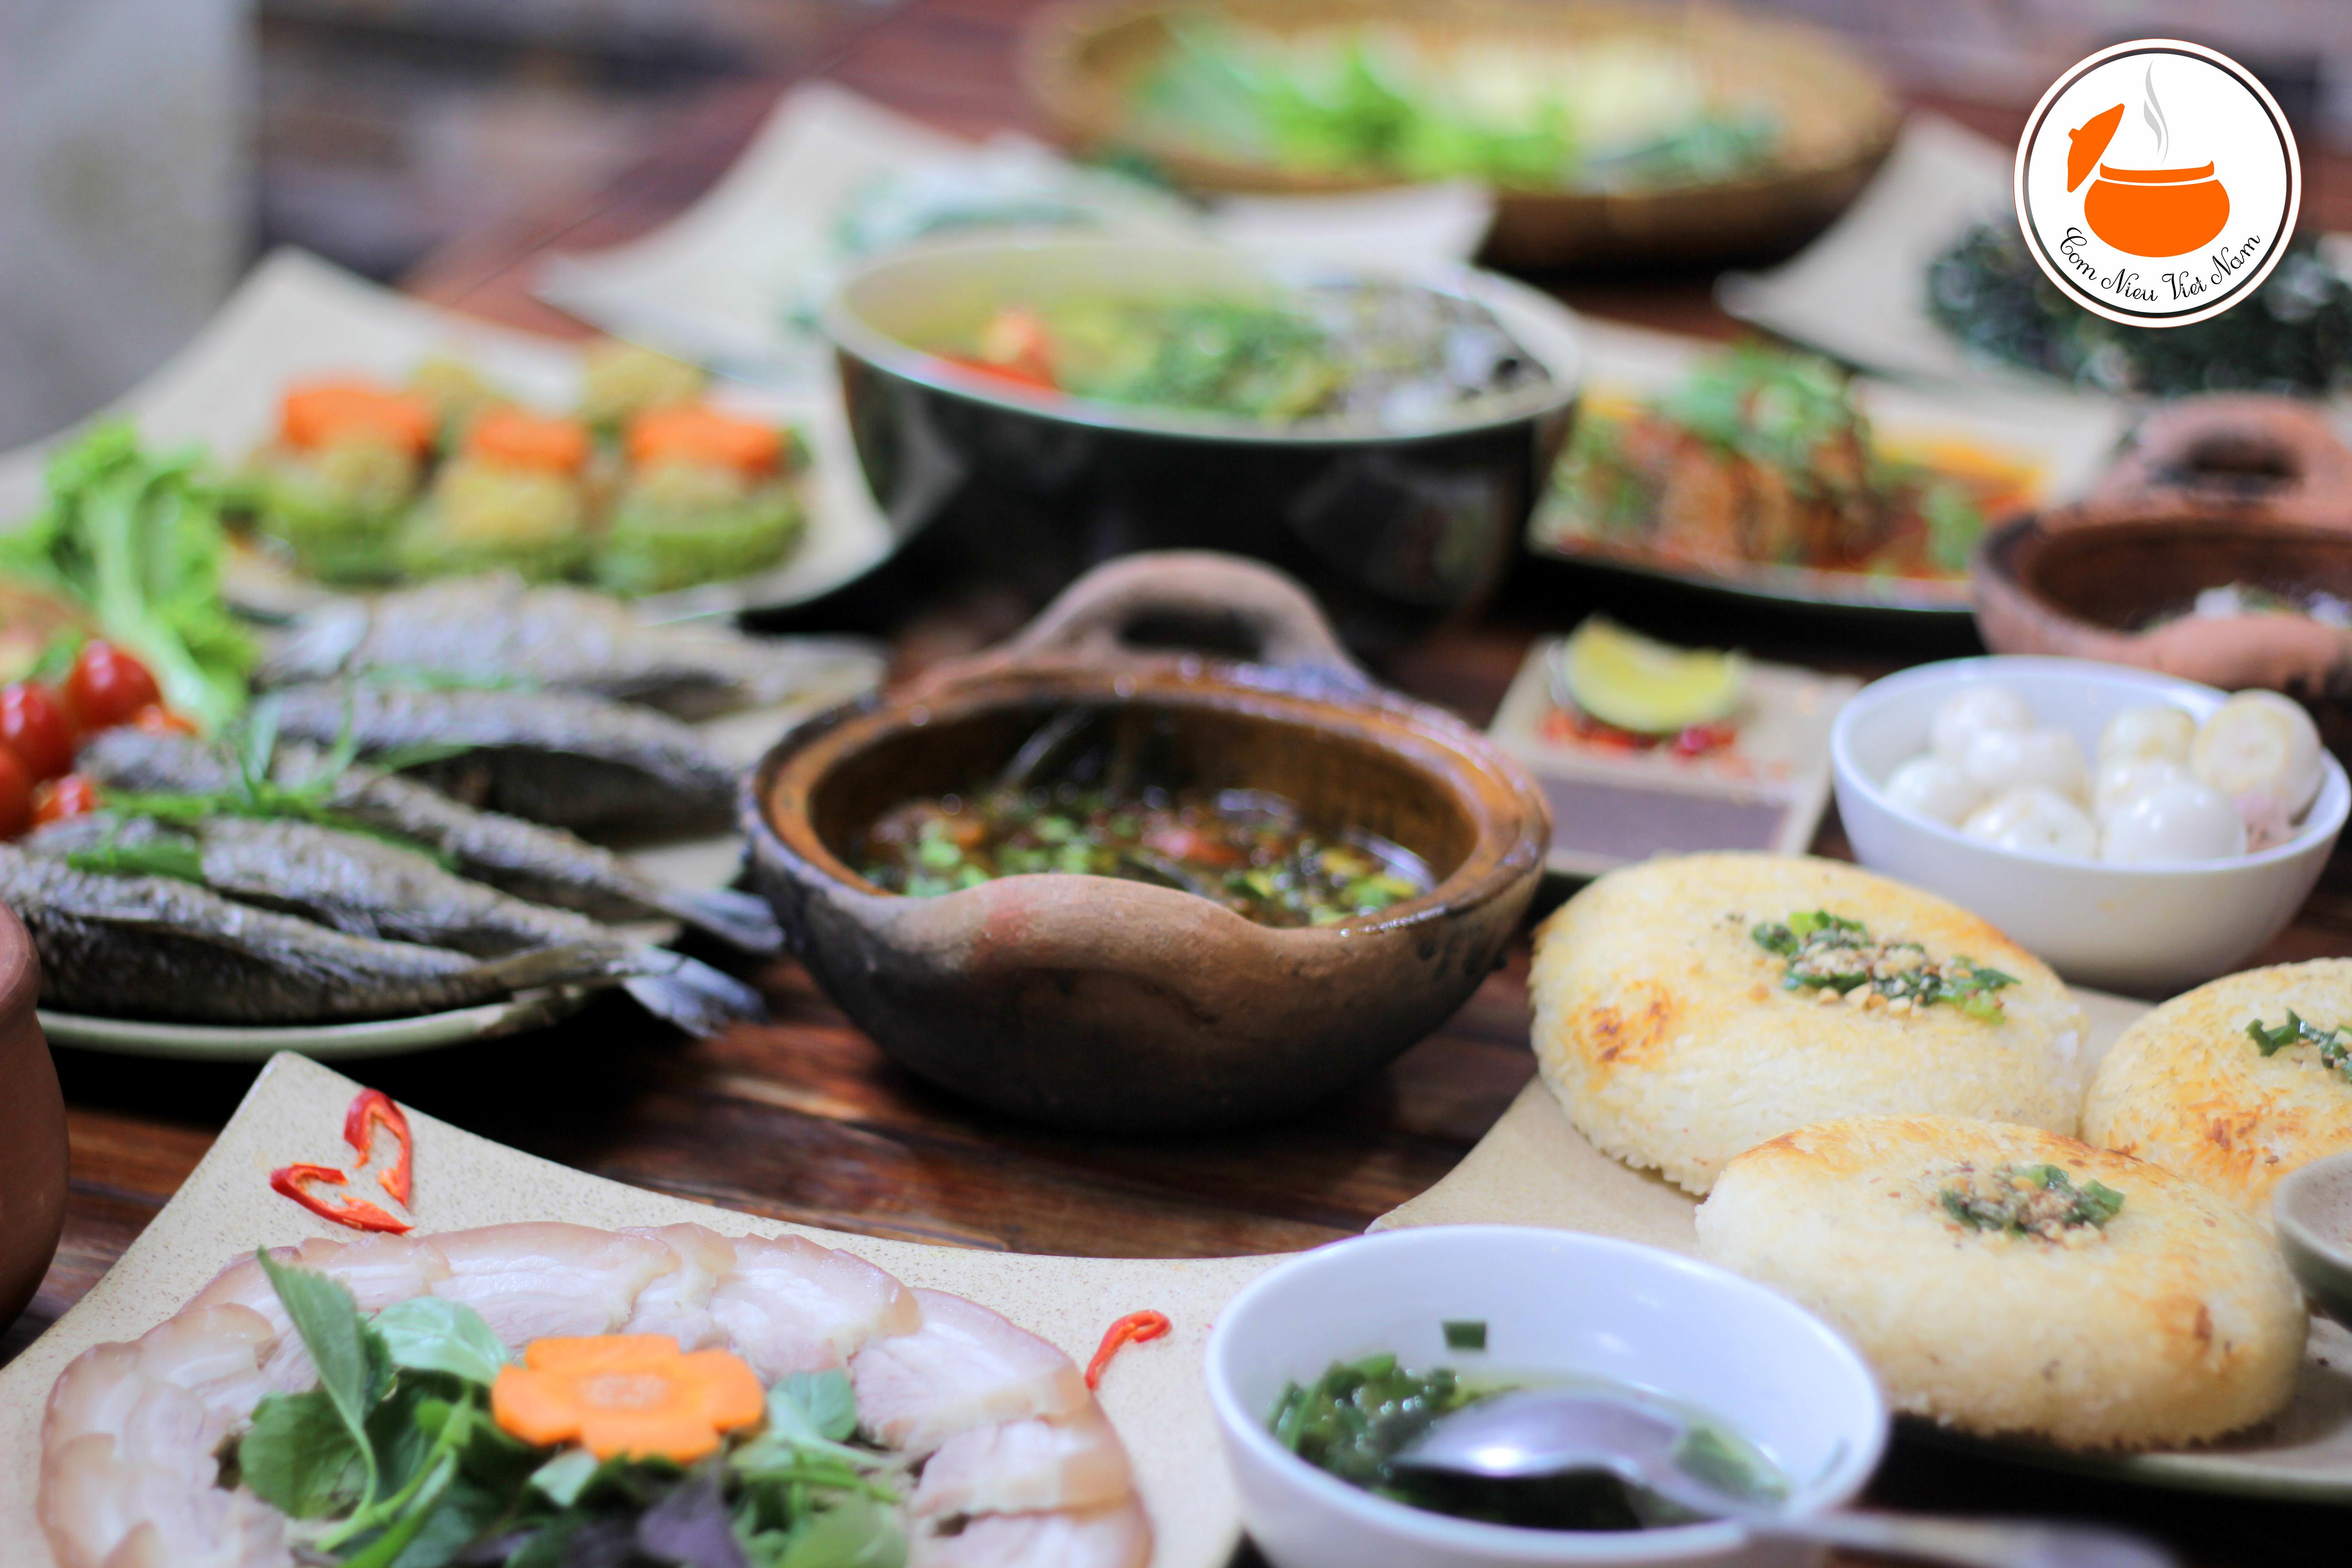 Nhà hàng, quán ăn gia đình gần sân bay Tân Sơn Nhất